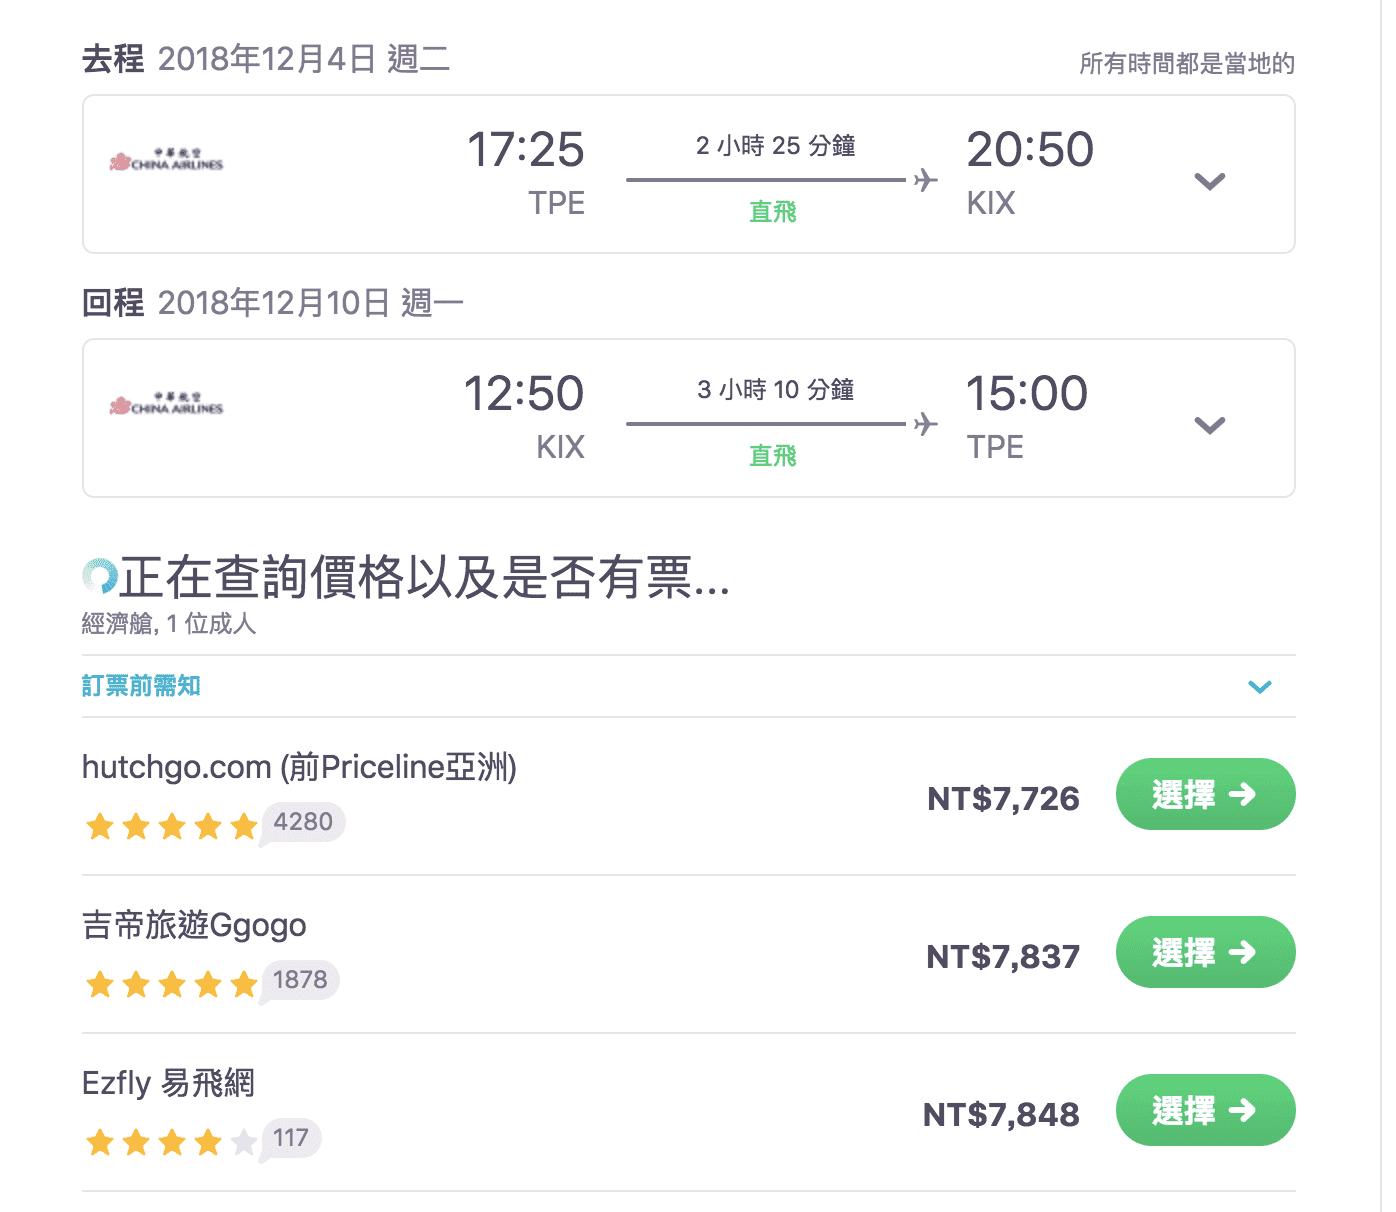 賞楓票價大PK,華航好還是長榮好?8K以內搞定日本賞楓機票~(查票:107.5.9)